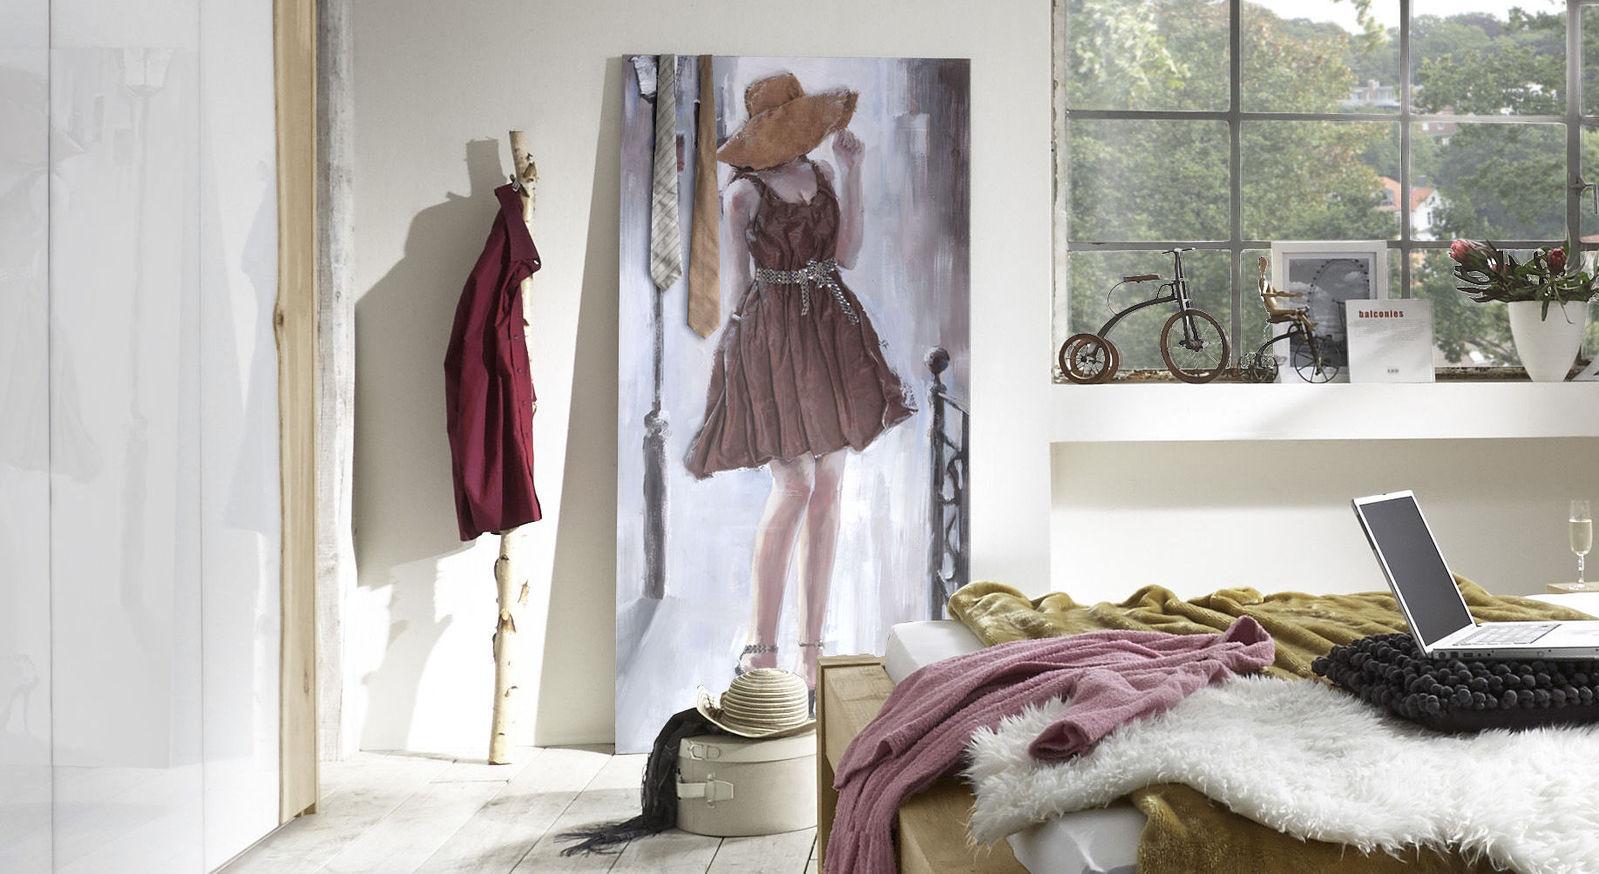 Relief-Wandbild Shy mit Kleid aus Stoff